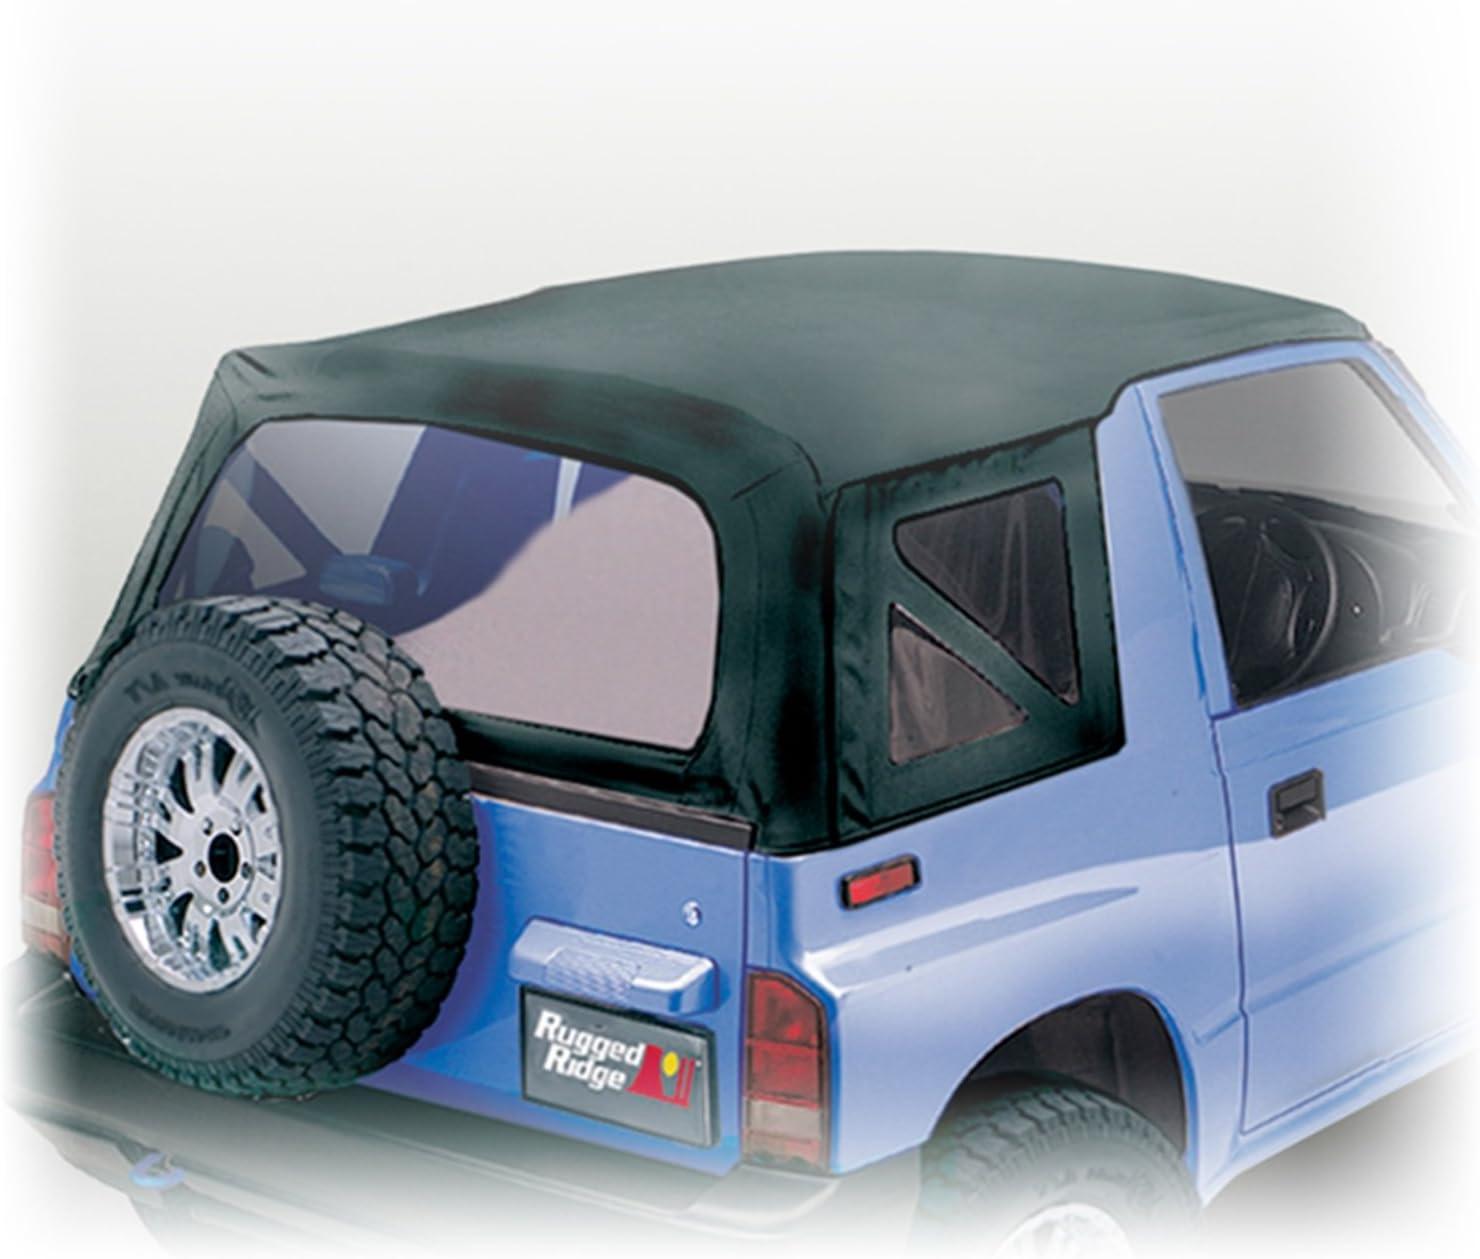 Rampage Products Tops Suzuki//Geo 1988-1994 Suzuki Rampage Products Soft Top